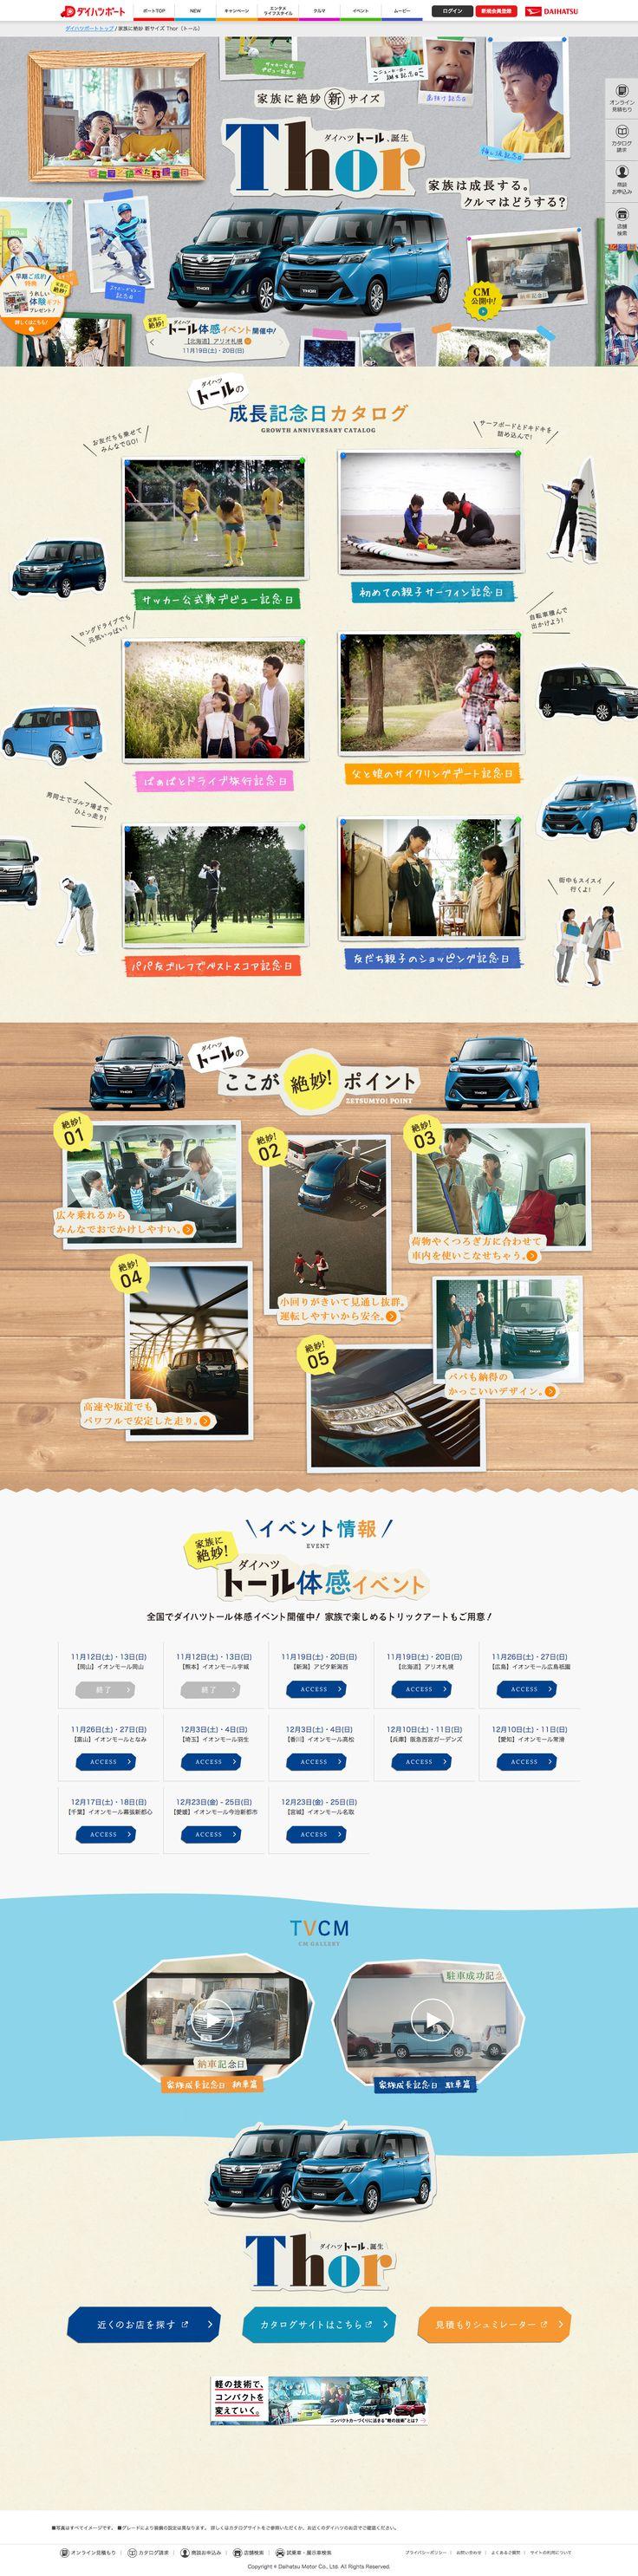 家族に絶妙 新サイズ Thor(トール) https://dport.daihatsu.co.jp/car/thor/